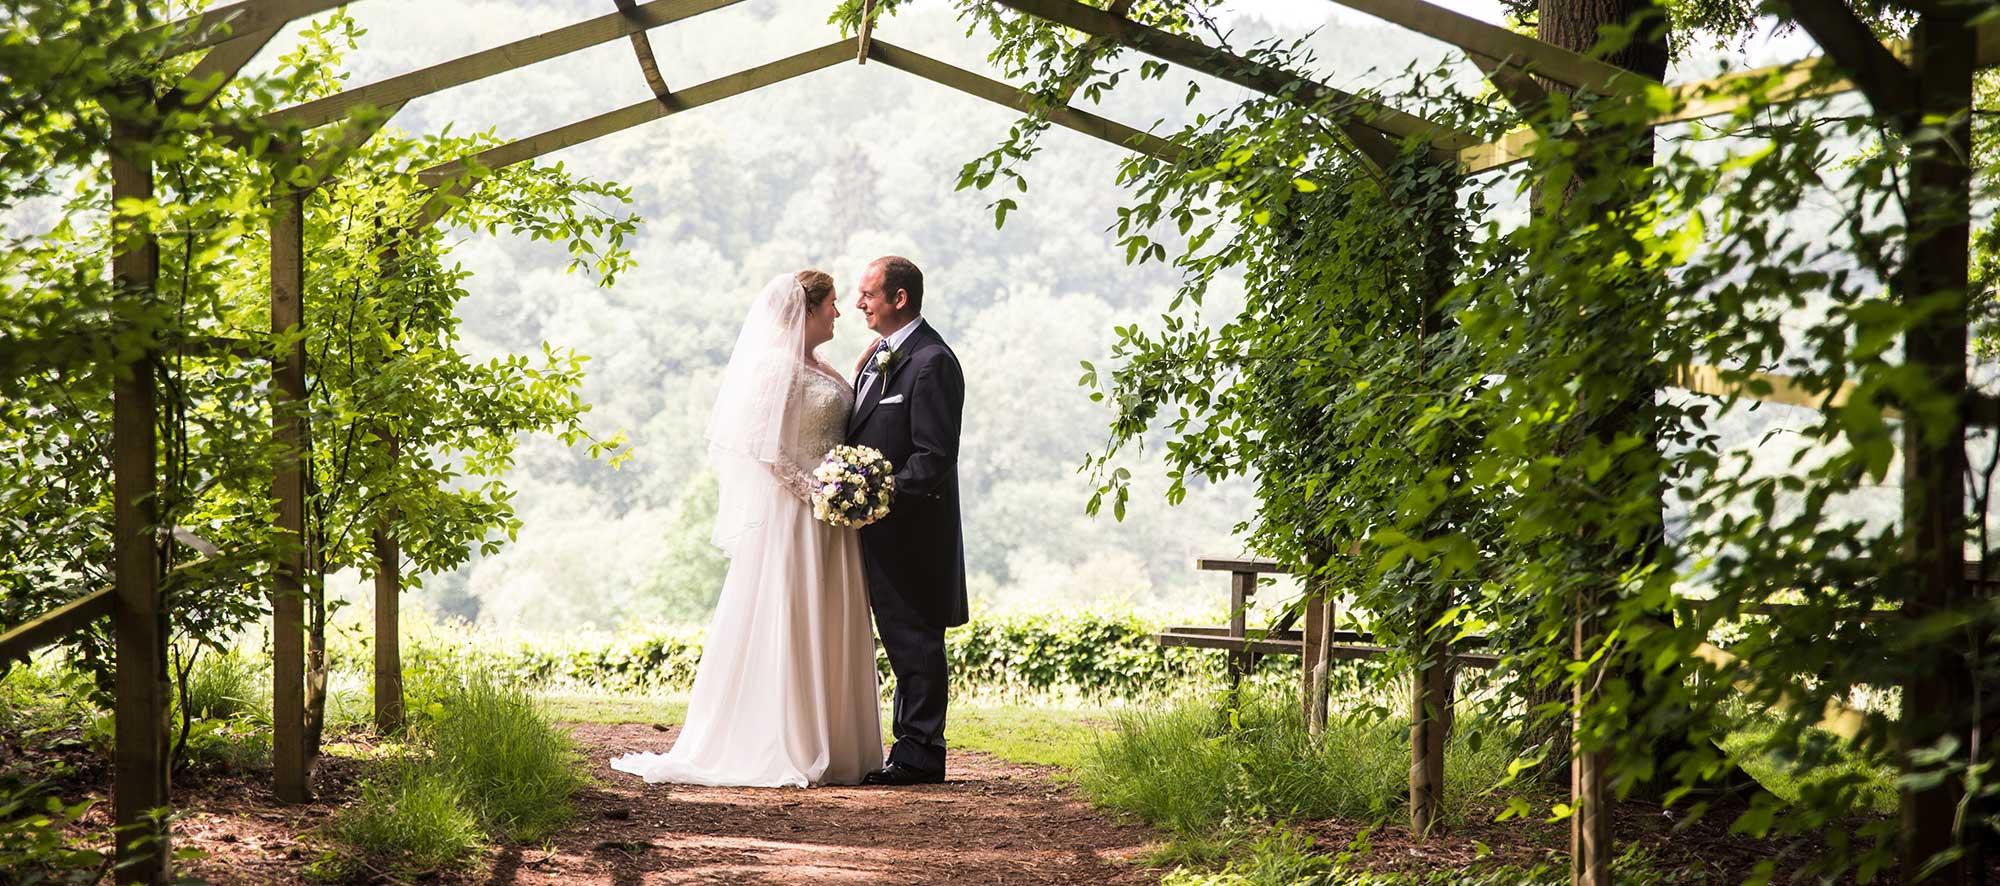 Bride and groom under laburnum arch at Arley Arboretum